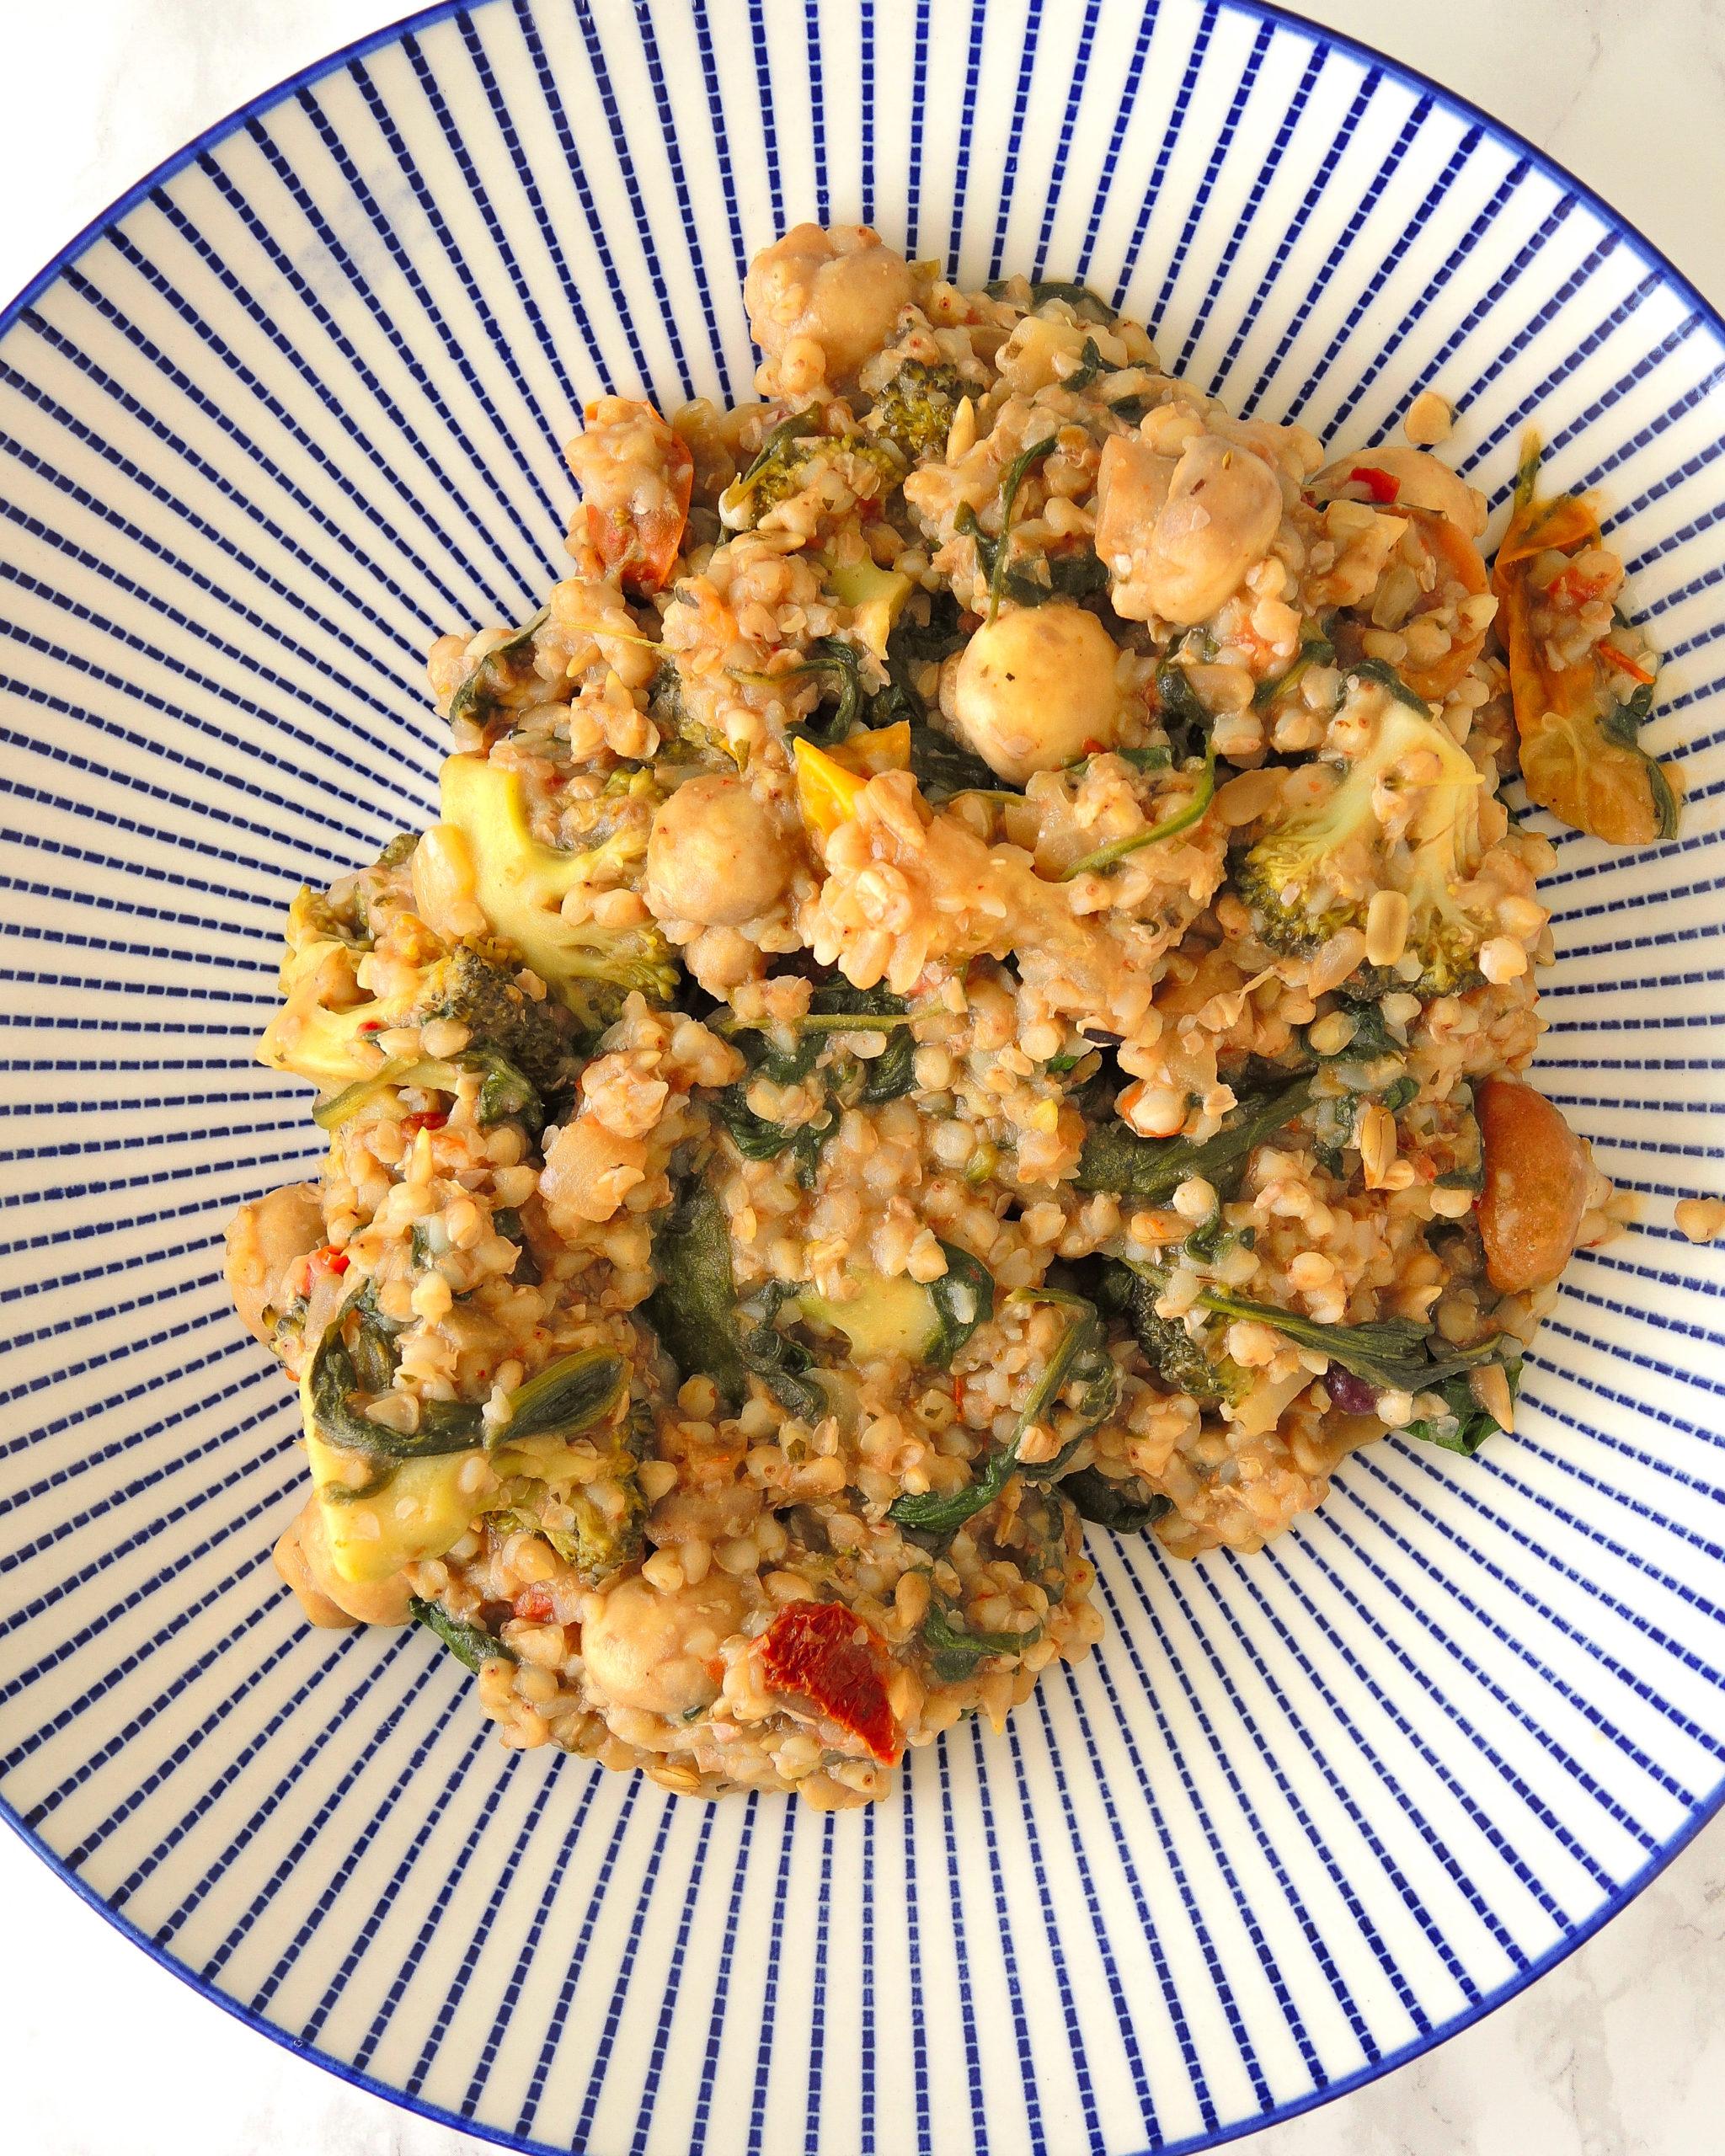 stir-fry z kaszę gryczaną, warzywami i sosem sezamowym